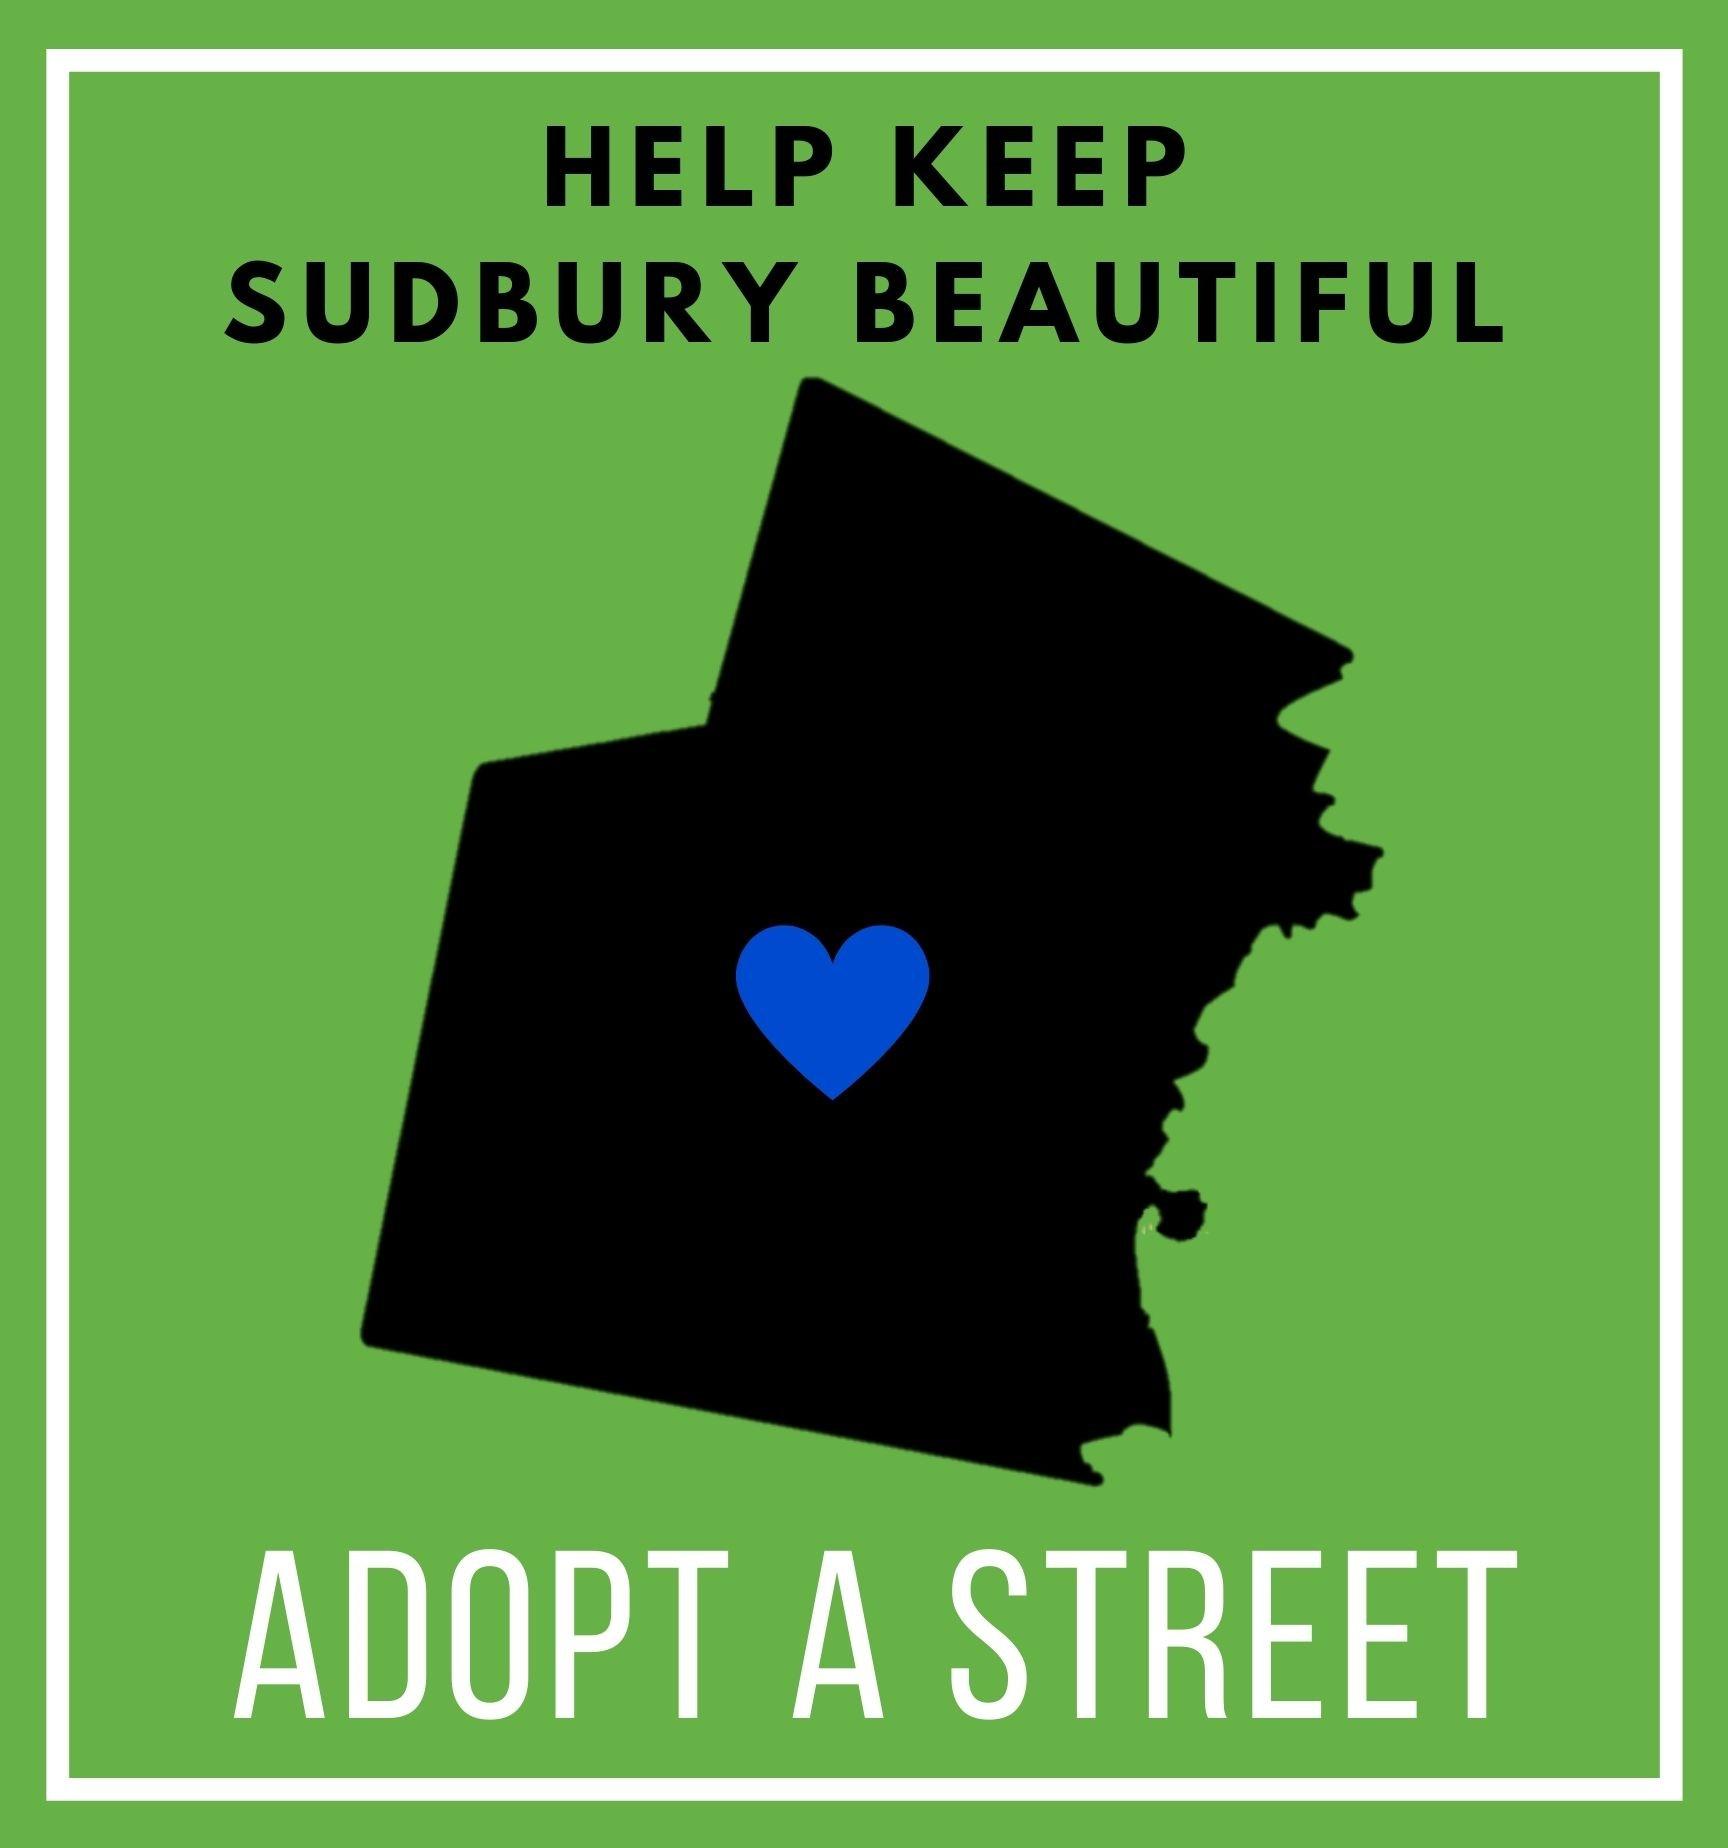 Adopt a Street